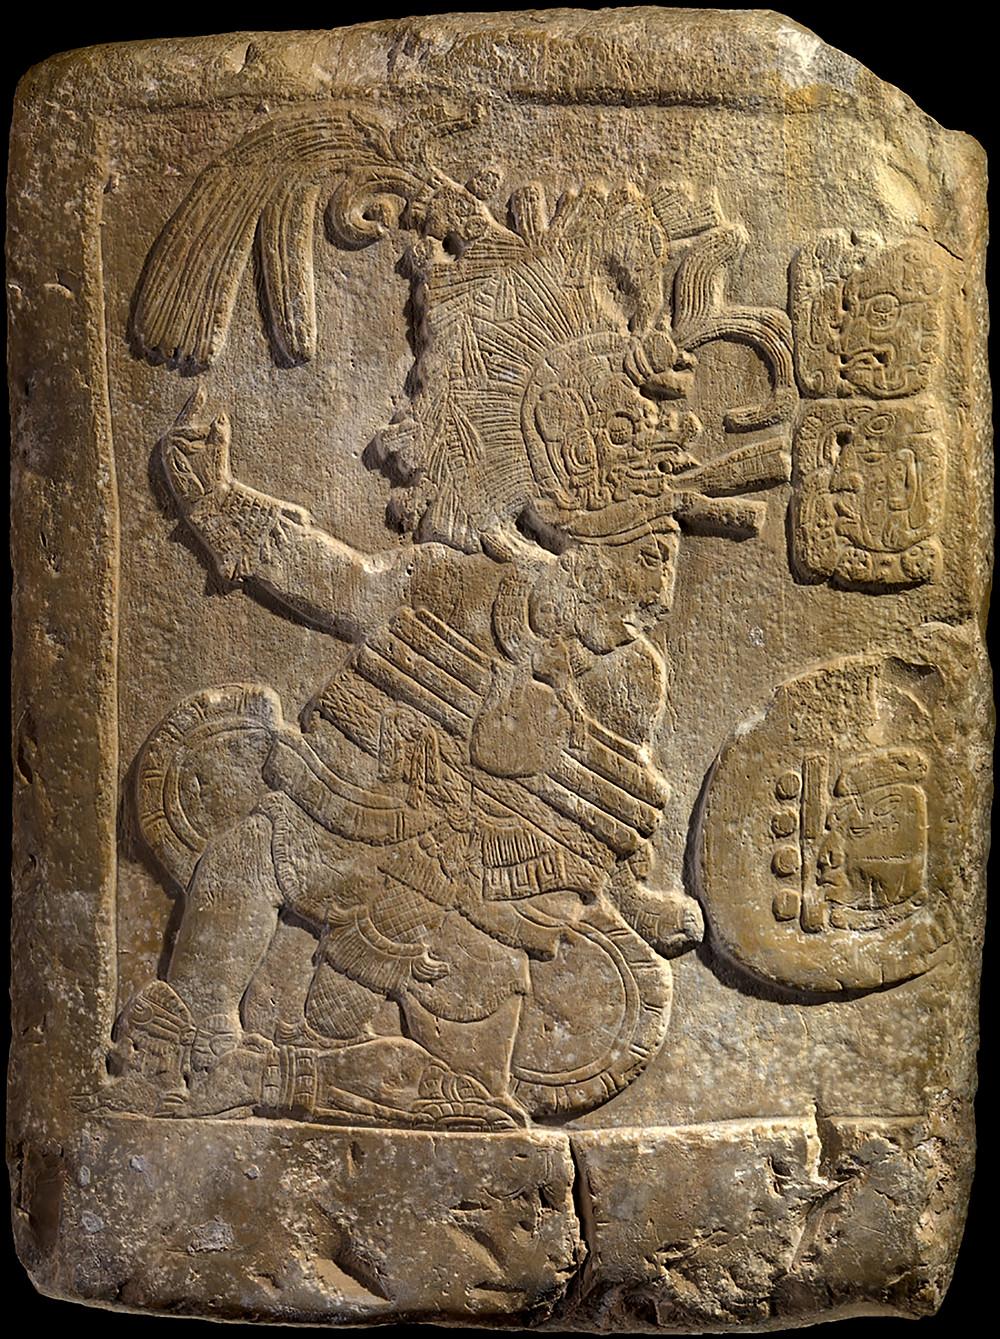 Барельеф с изображением игры в мяч. Майя, 600-750 гг. н.э. Коллекция The National Museum of the American Indian, New York.